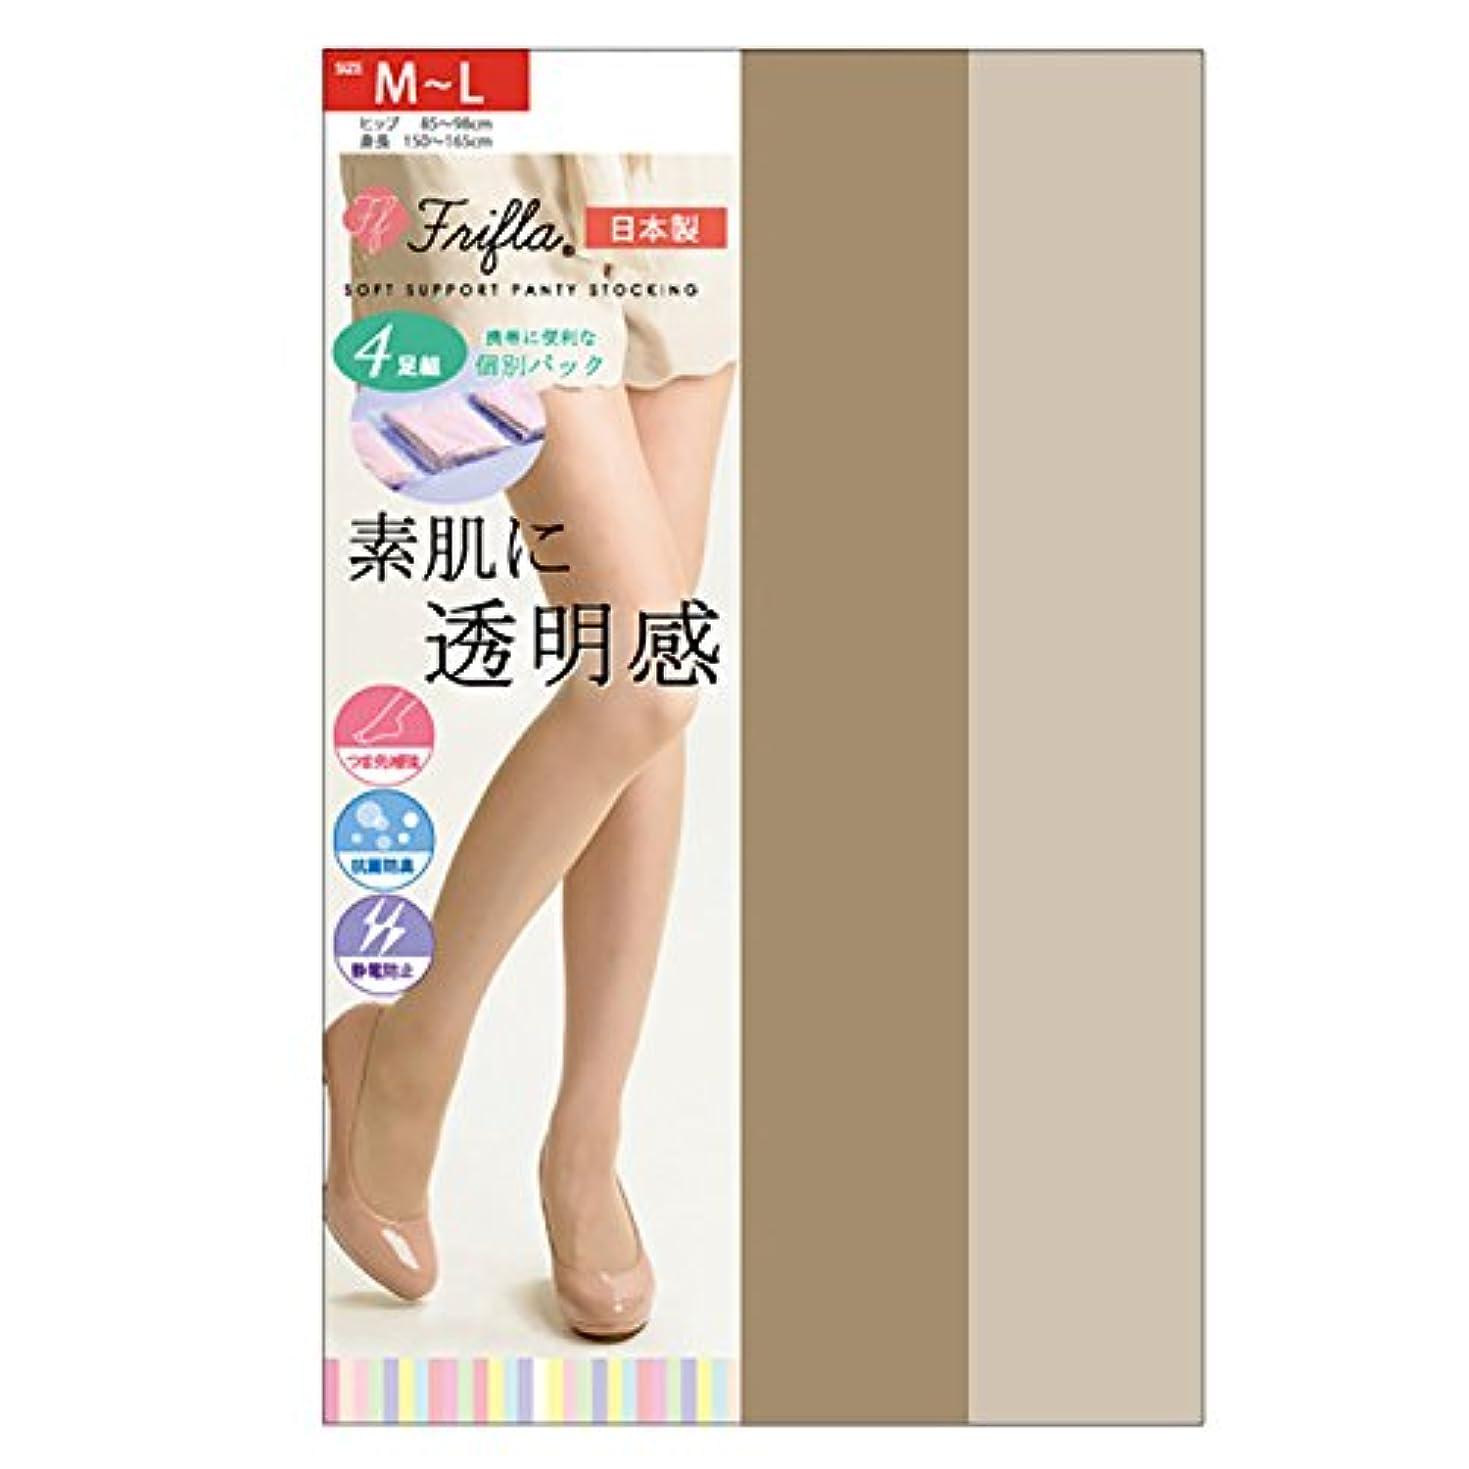 追放するサンダル酔った素肌に透明感 ソフトサポートタイプ 交編ストッキング 4足組 日本製-素肌感 個包装 抗菌防臭 静電気防止 M-L L-LL パンスト (M-L, ヌードベージュ)